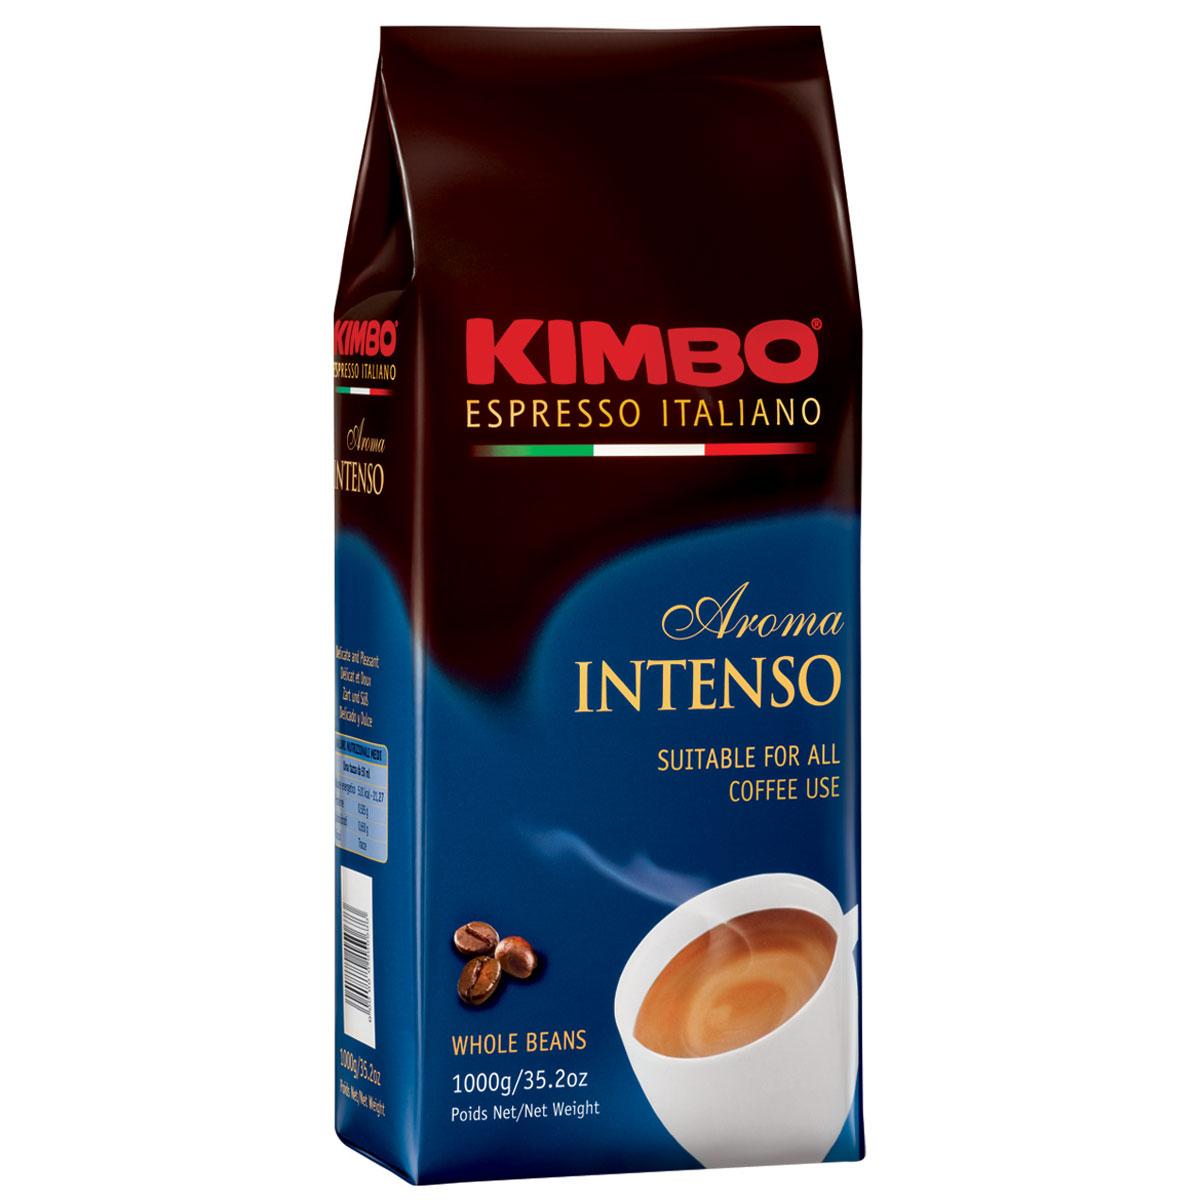 Kimbo Aroma Intenso кофе в зернах, 1 кг7610121710325Натуральный жареный кофе в зернах Kimbo Aroma Intenso. Крепкий, с шоколадным послевкусием и ярким ароматом. Изысканная смесь арабики и робусты придаёт «Кимбо Арома Интенсо» насыщенный вкус. Состав смеси: 80% арабика, 20% робуста.